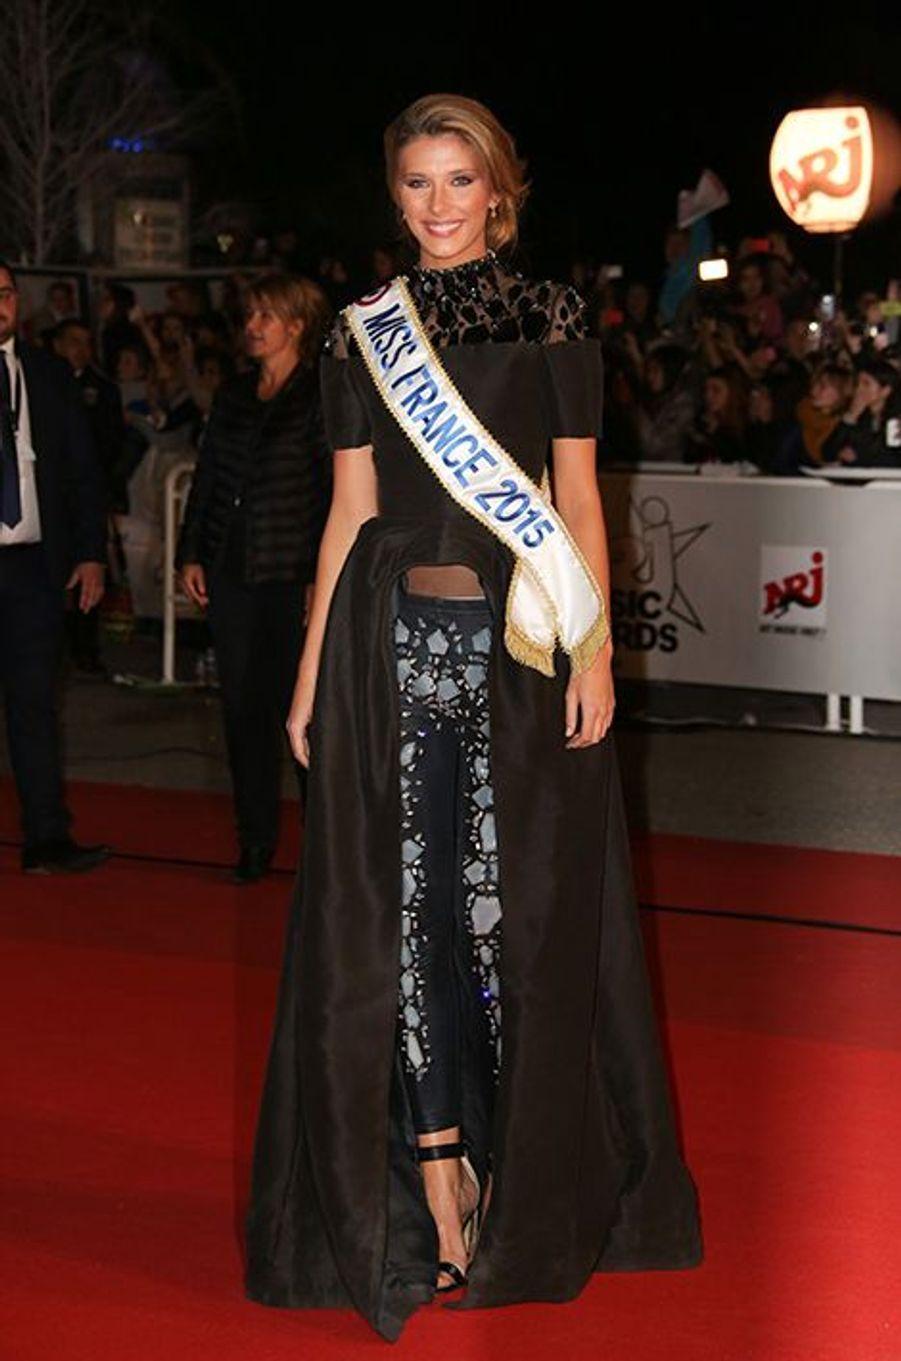 Miss France 2015, Camille Cerf, à Cannes le 13 décembre 2014